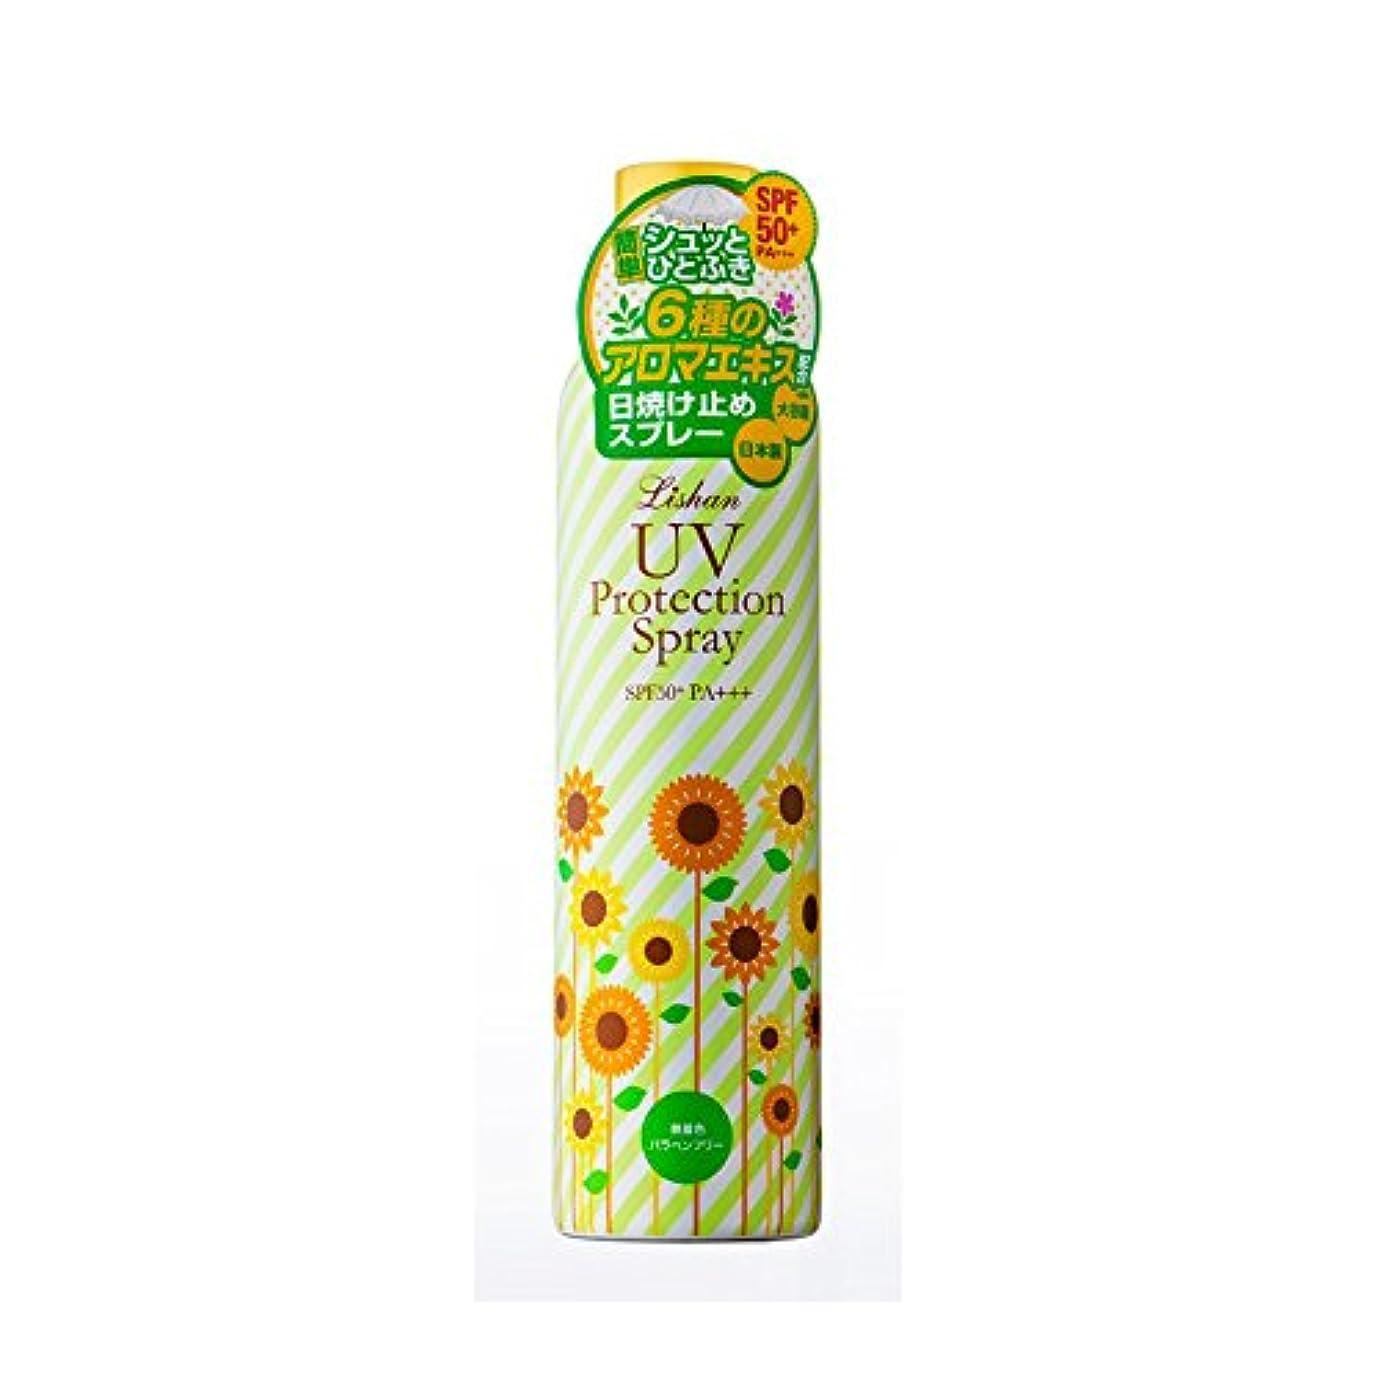 高層ビル報復ゲートリシャン 大容量UVスプレー アロマミックスの香り (230g)